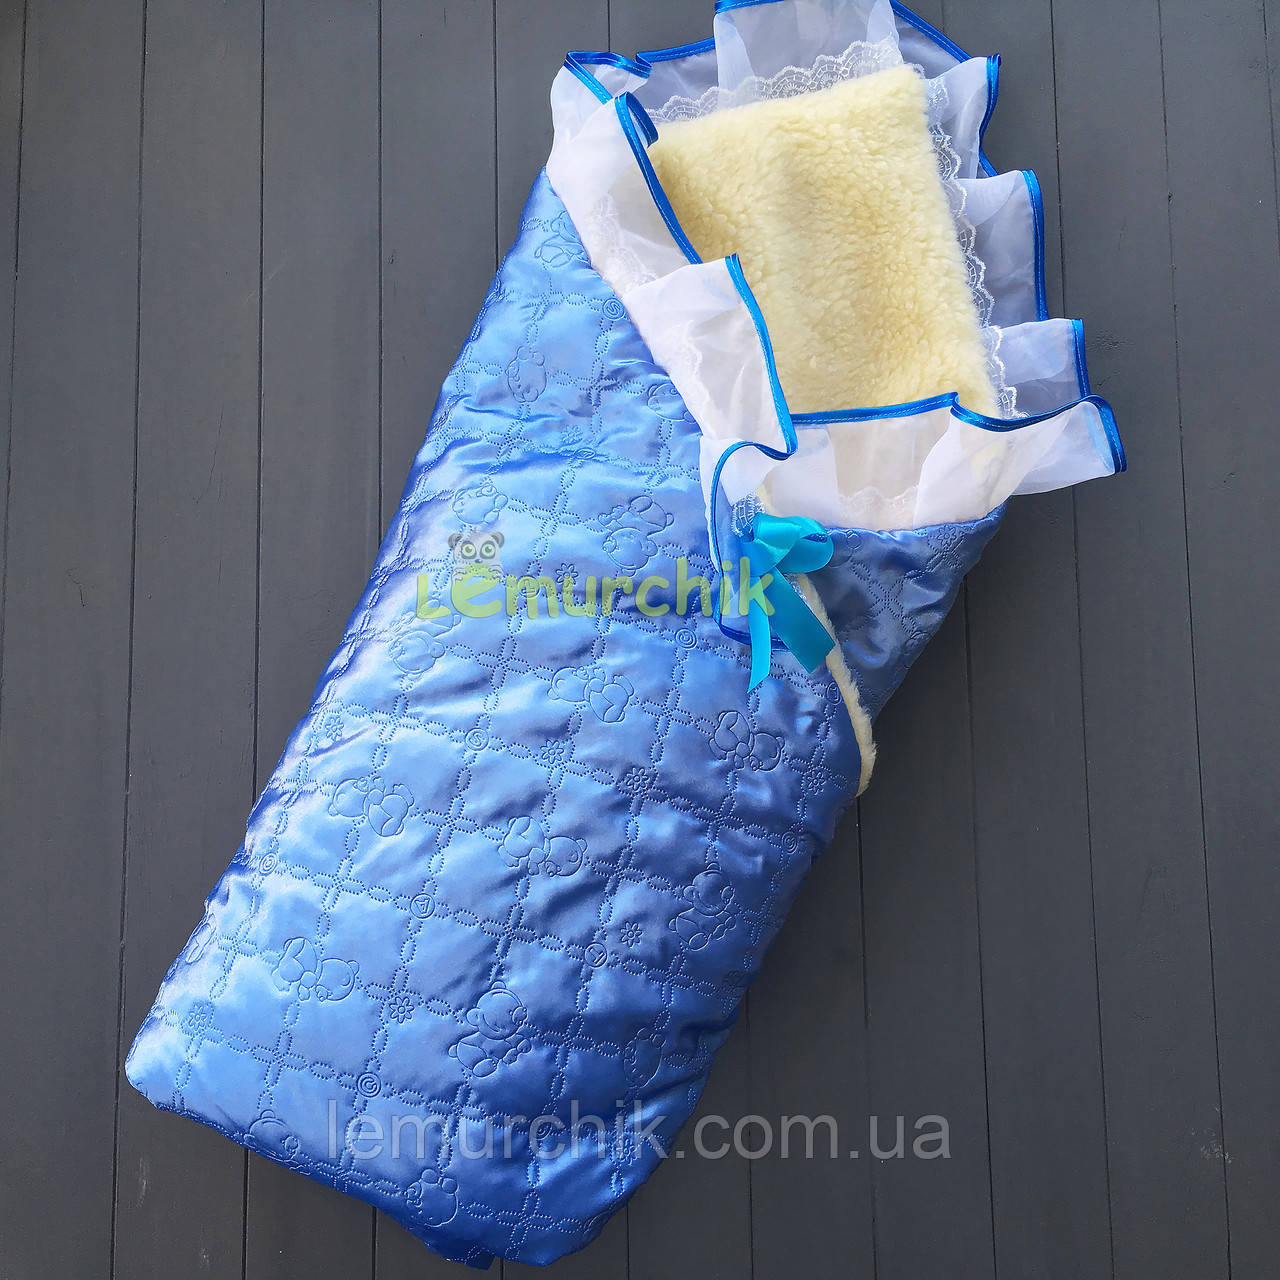 Конверт для новорожденных на выписку и в коляску на меху атласный синий